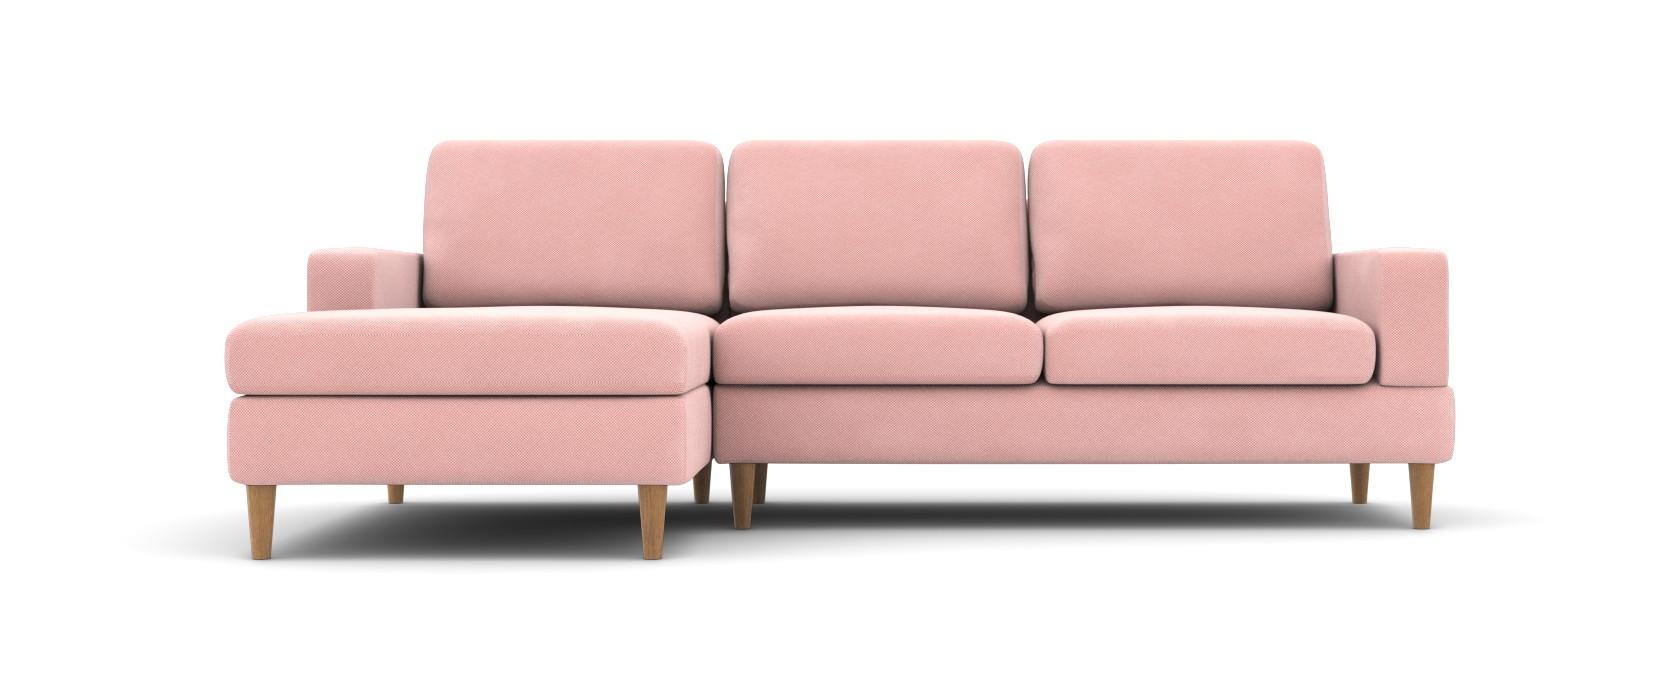 Sofa mit Chaiselongue Manfredo